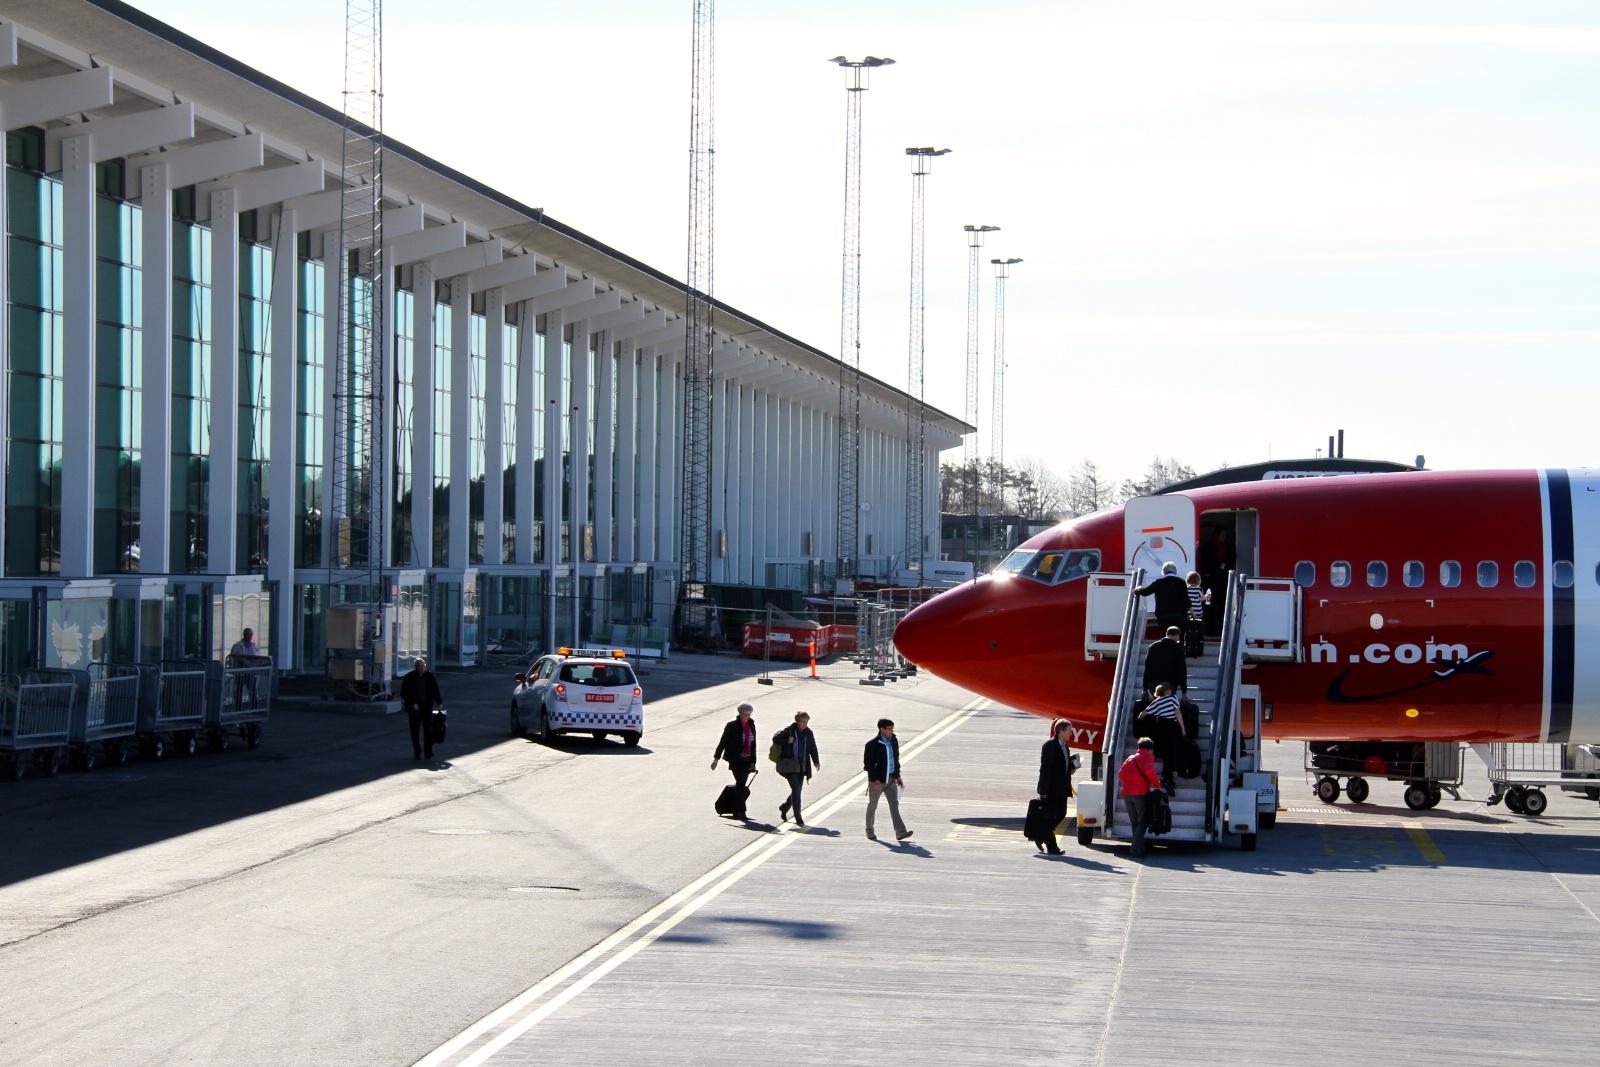 Norwegian-fly foran terminalbygningen i Aalborg Lufthavn (Foto: Aalborg Lufthavn)